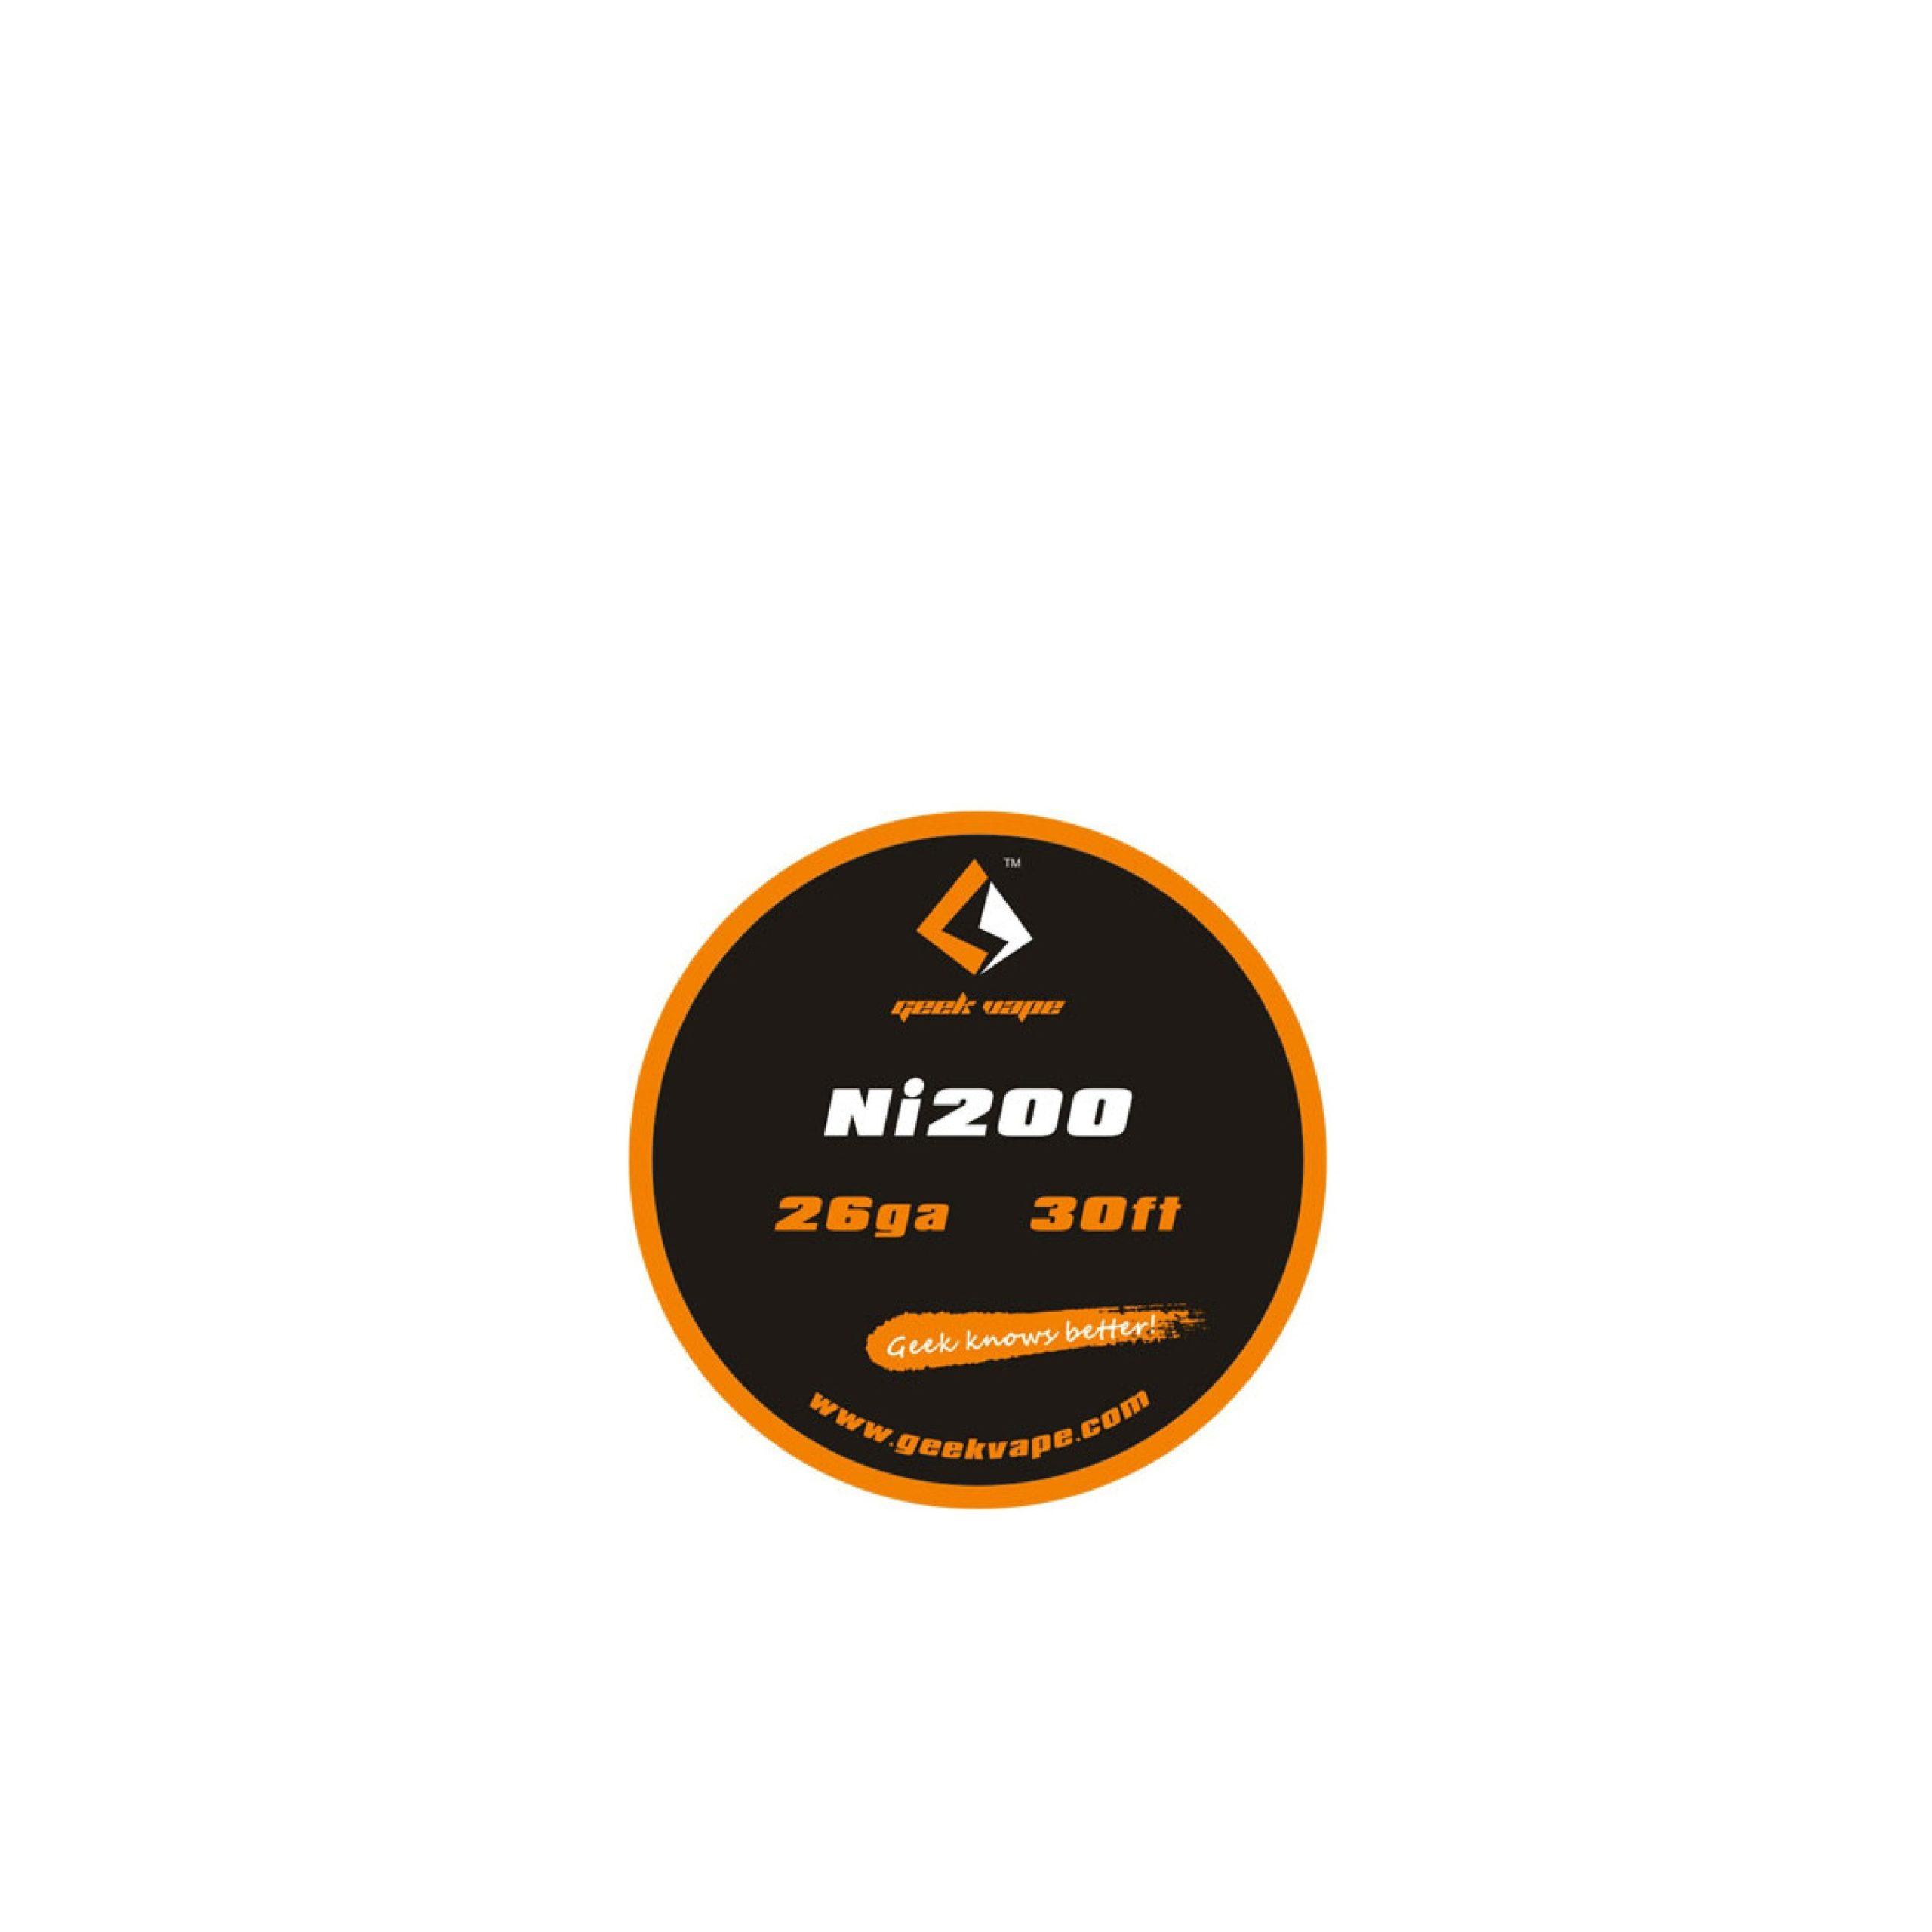 GeekVape Nickel (Ni200) draad voor Temperature Control. Verkocht per rolletjes van 30ft (9m). Deze draad kan niet gebruikt worden voor dampen op wattage!